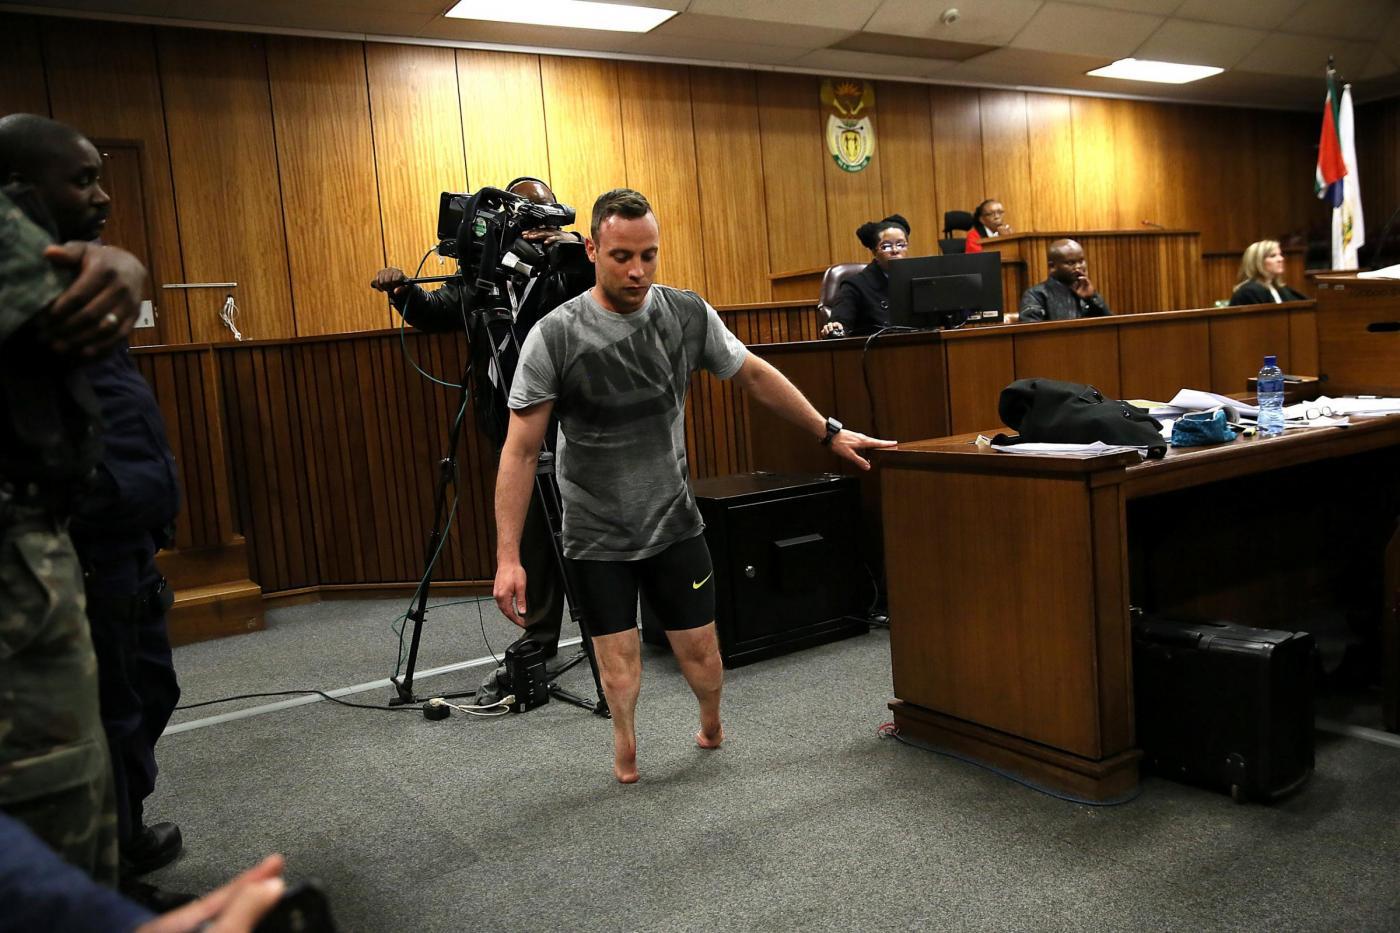 Oscar Pistorius senza le protesi prova a commuovere il giudice